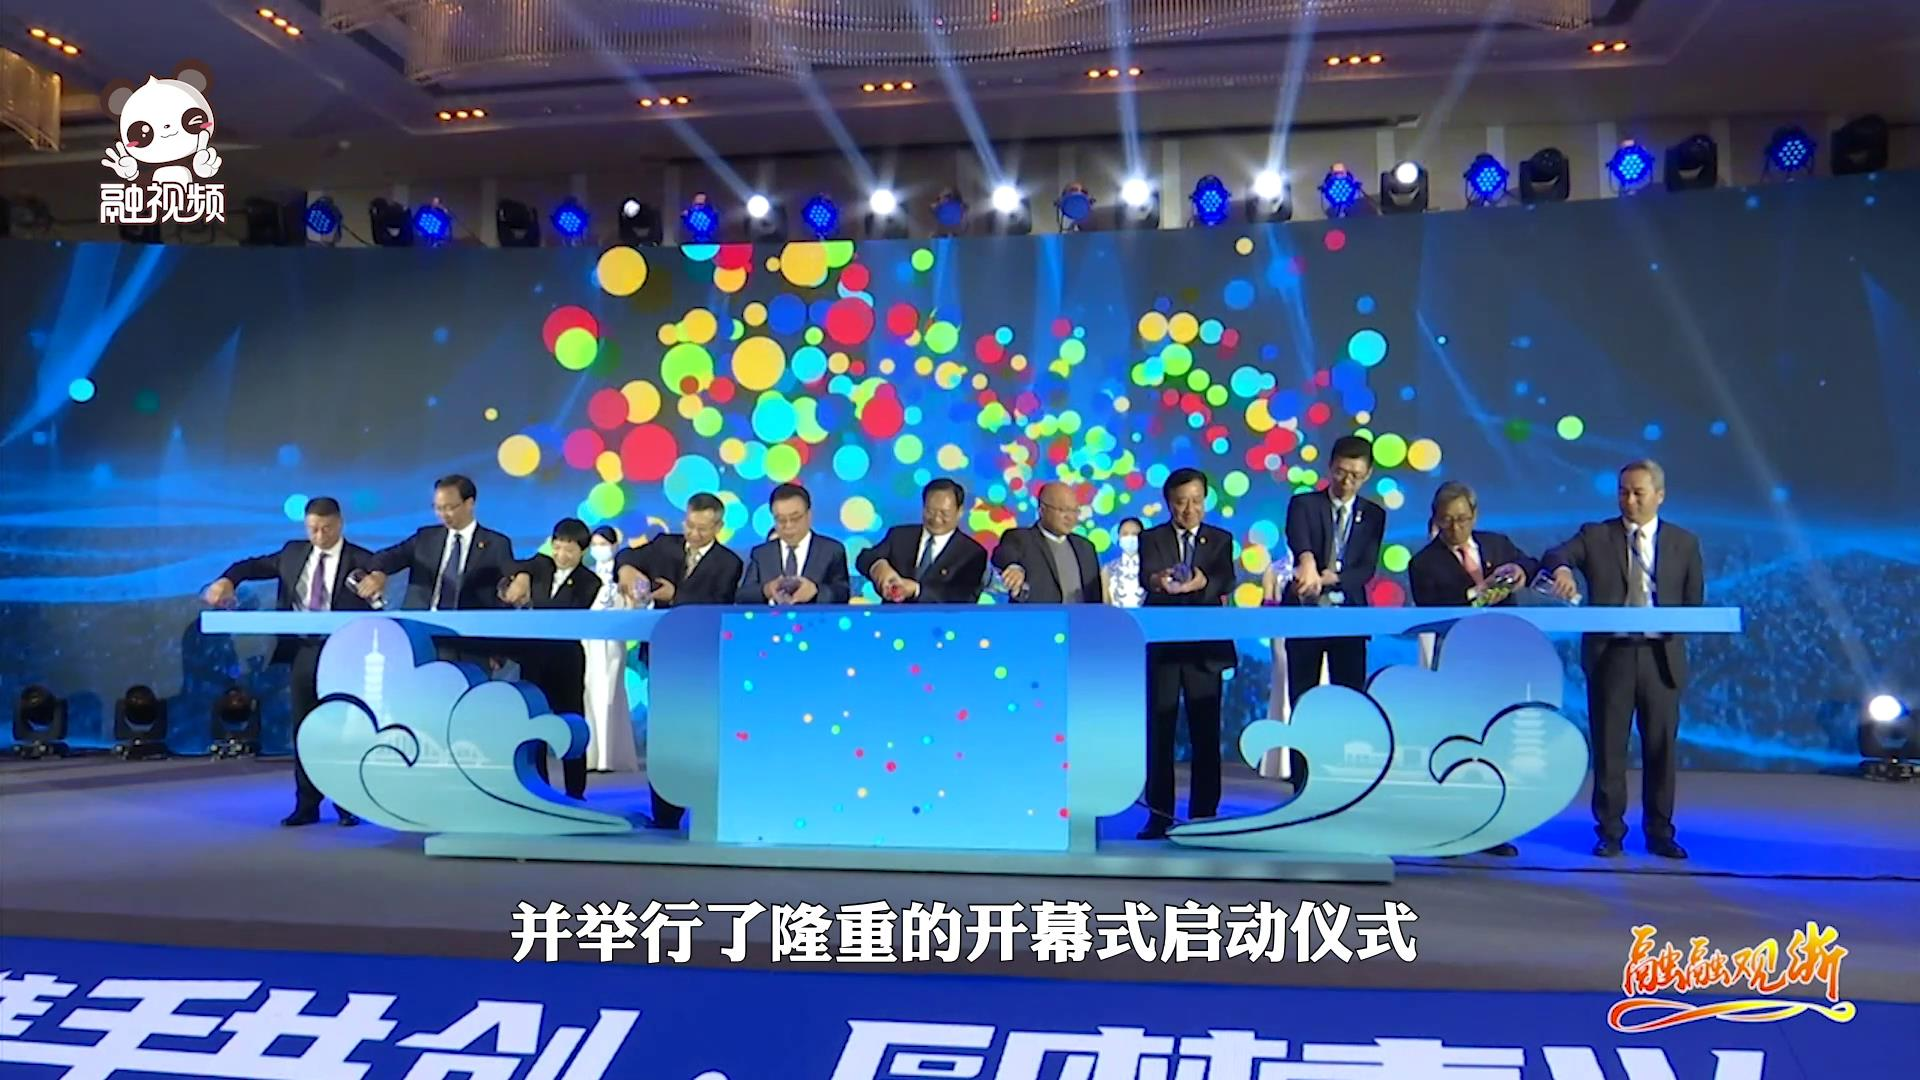 携手共创·圆梦嘉兴 2020浙江·台湾合作周嘉兴专场开幕图片